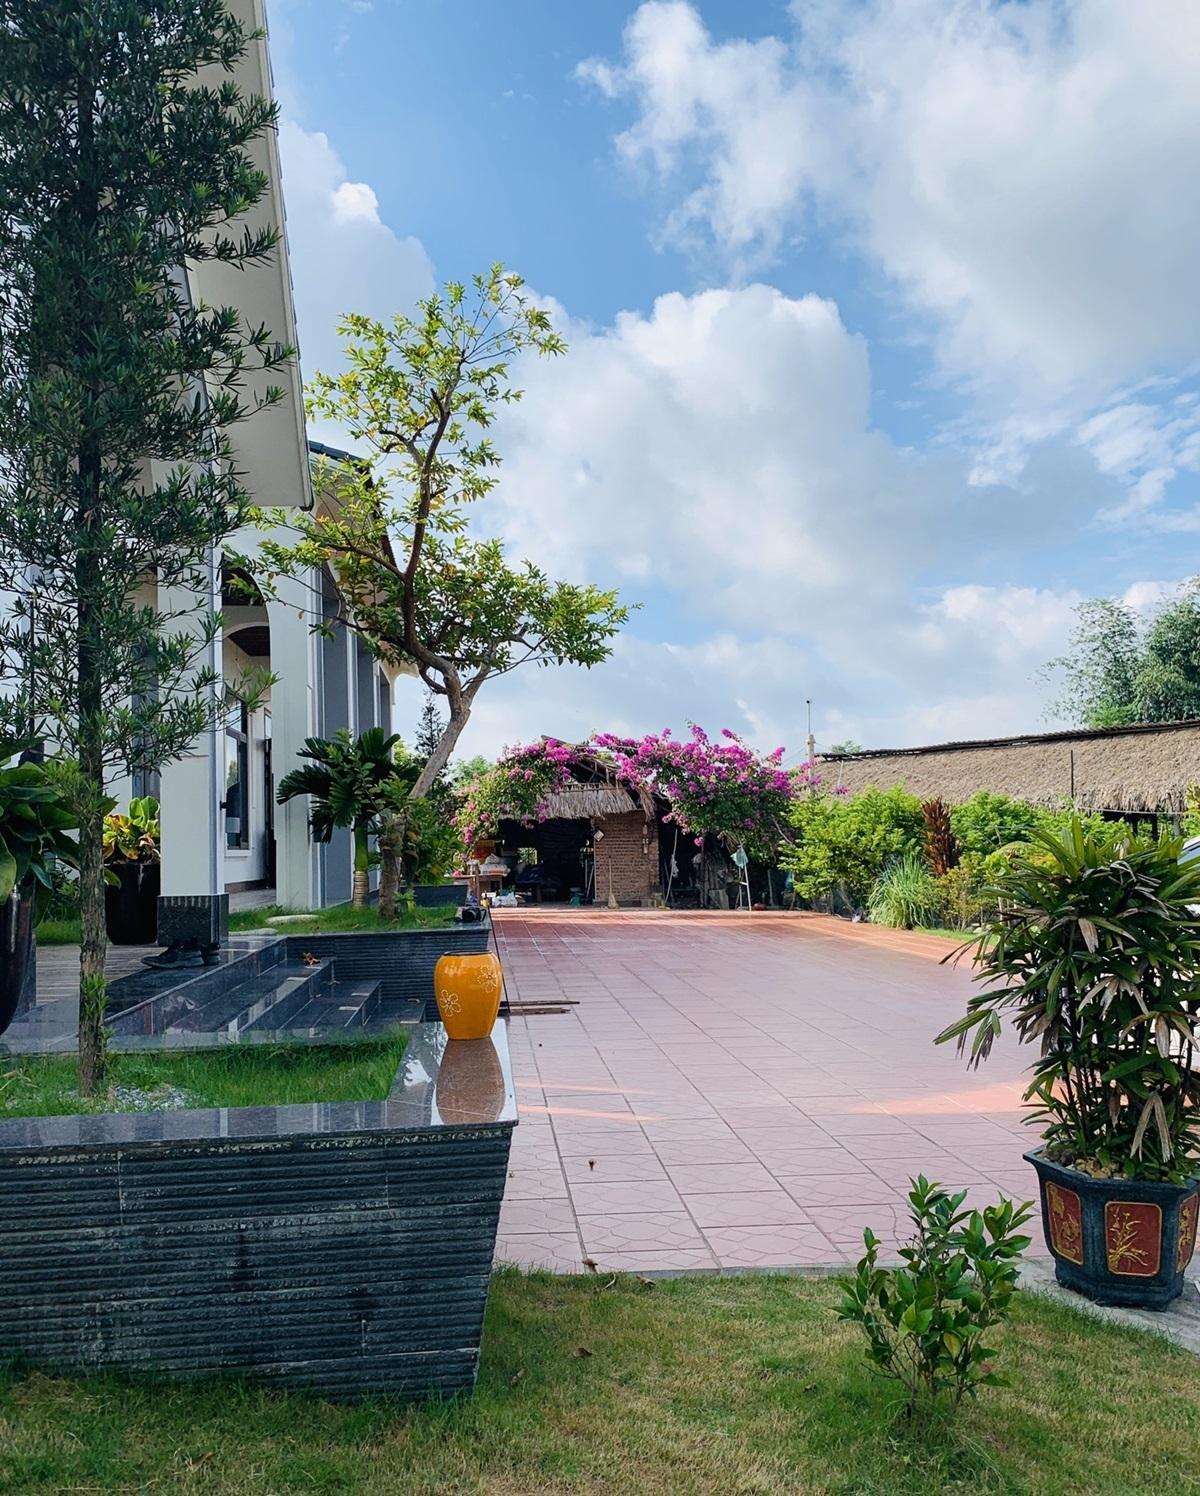 14 1598799900181803539844 - Con trai xây nhà vườn bên đồng lúa xanh mát tặng bố mẹ an hưởng tuổi già ở Vĩnh Phúc